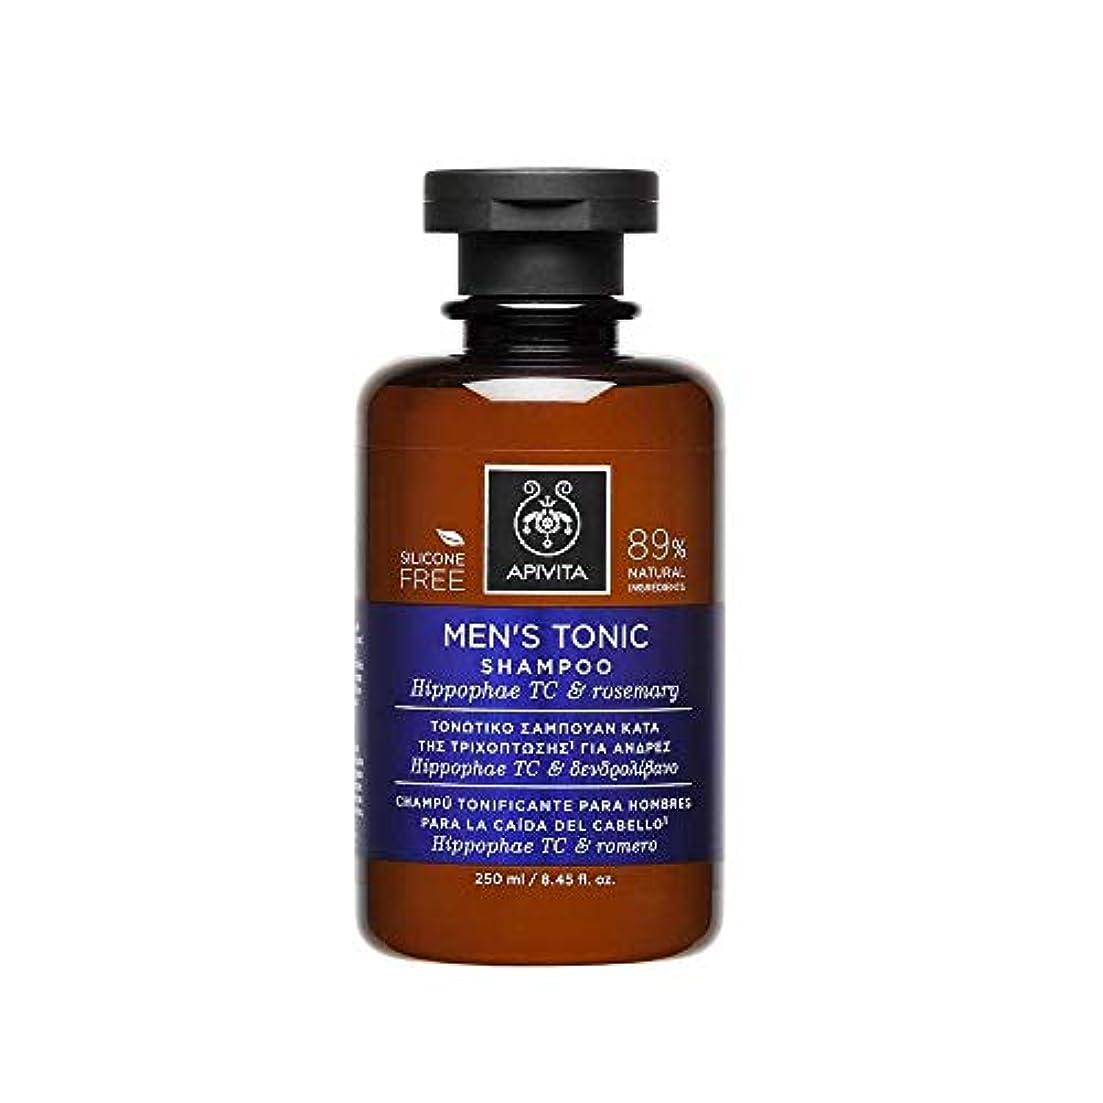 剛性陸軍保存アピヴィータ Men's Tonic Shampoo with Hippophae TC & Rosemary (For Thinning Hair) 250ml [並行輸入品]